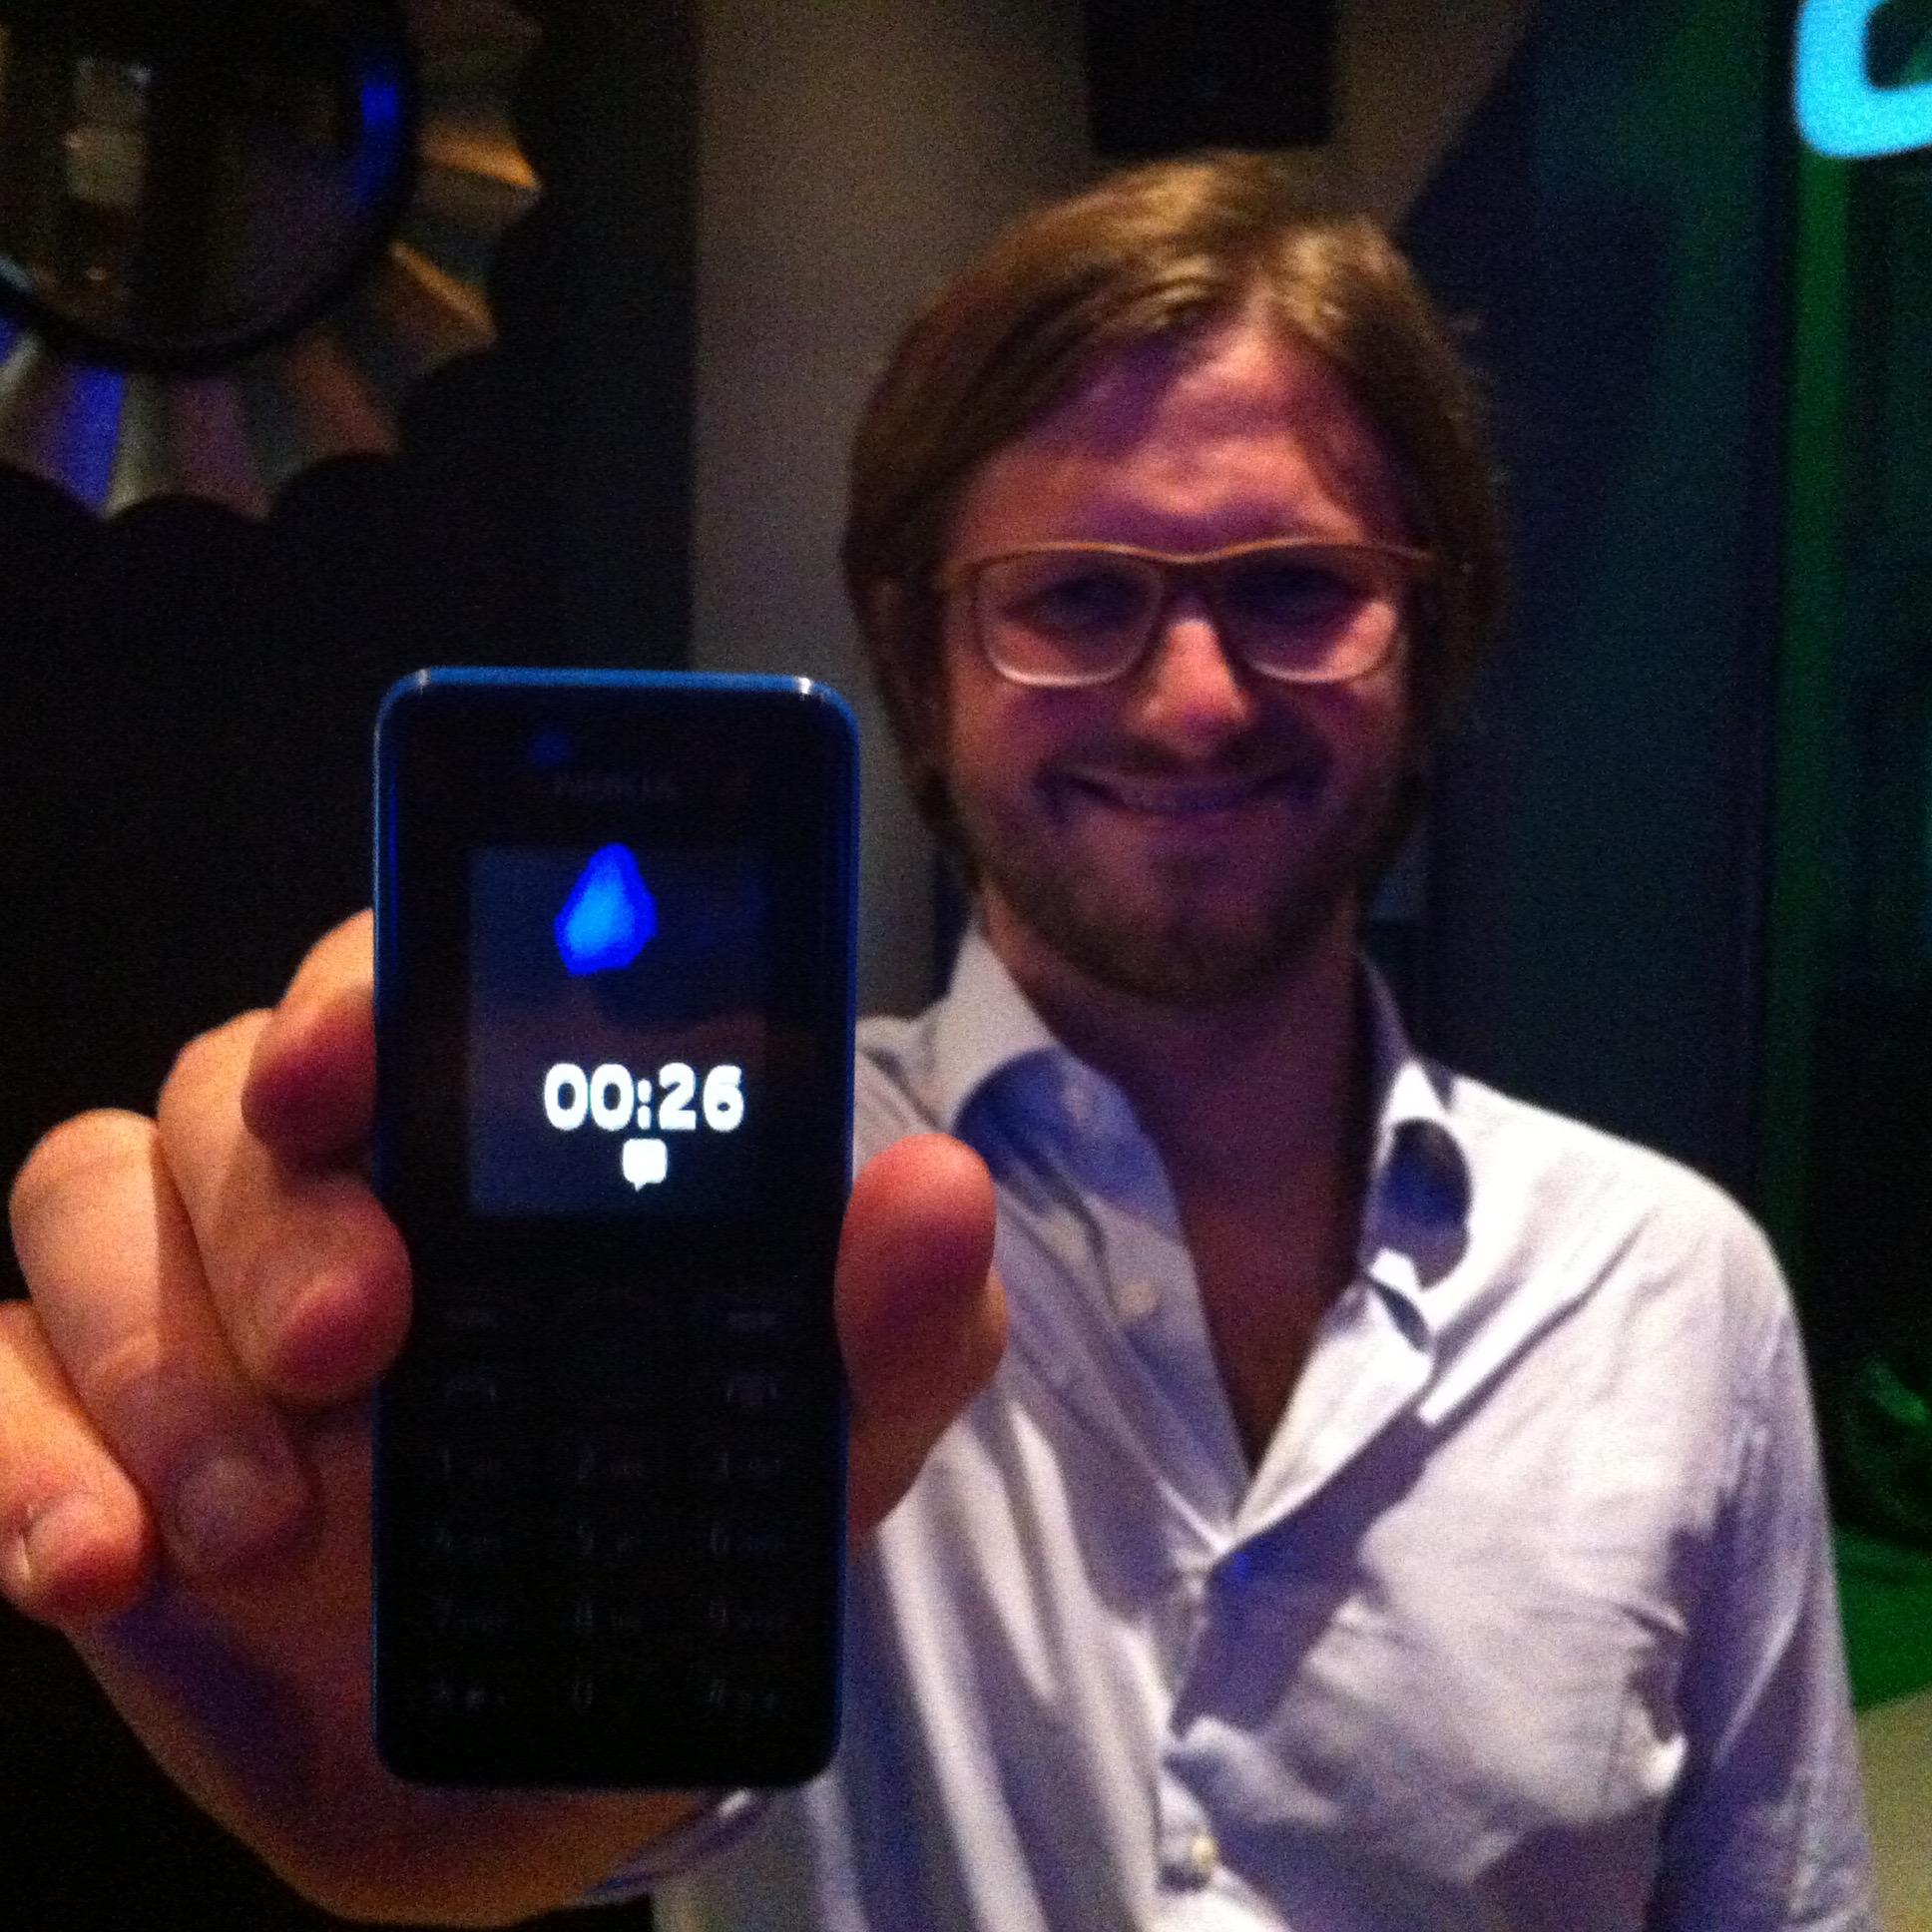 Diego de Amovens con su móvil low tech